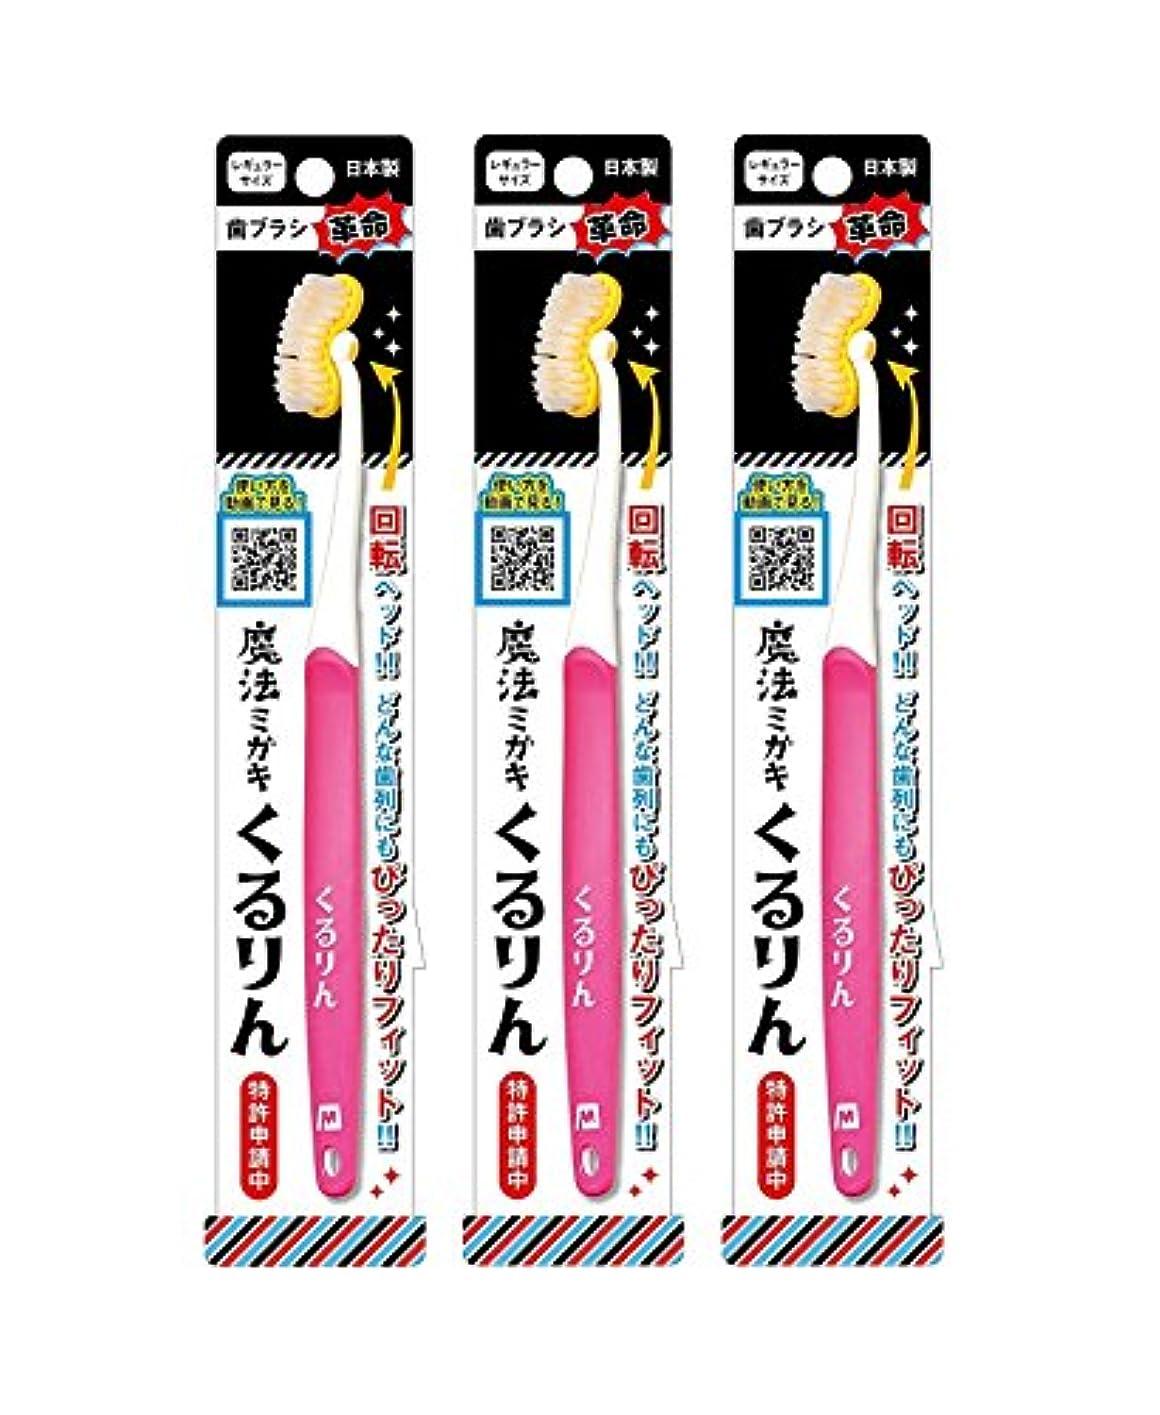 つまらないペイントペスト歯ブラシ革命 魔法ミガキくるりん MM-150 ピンク 3本セット